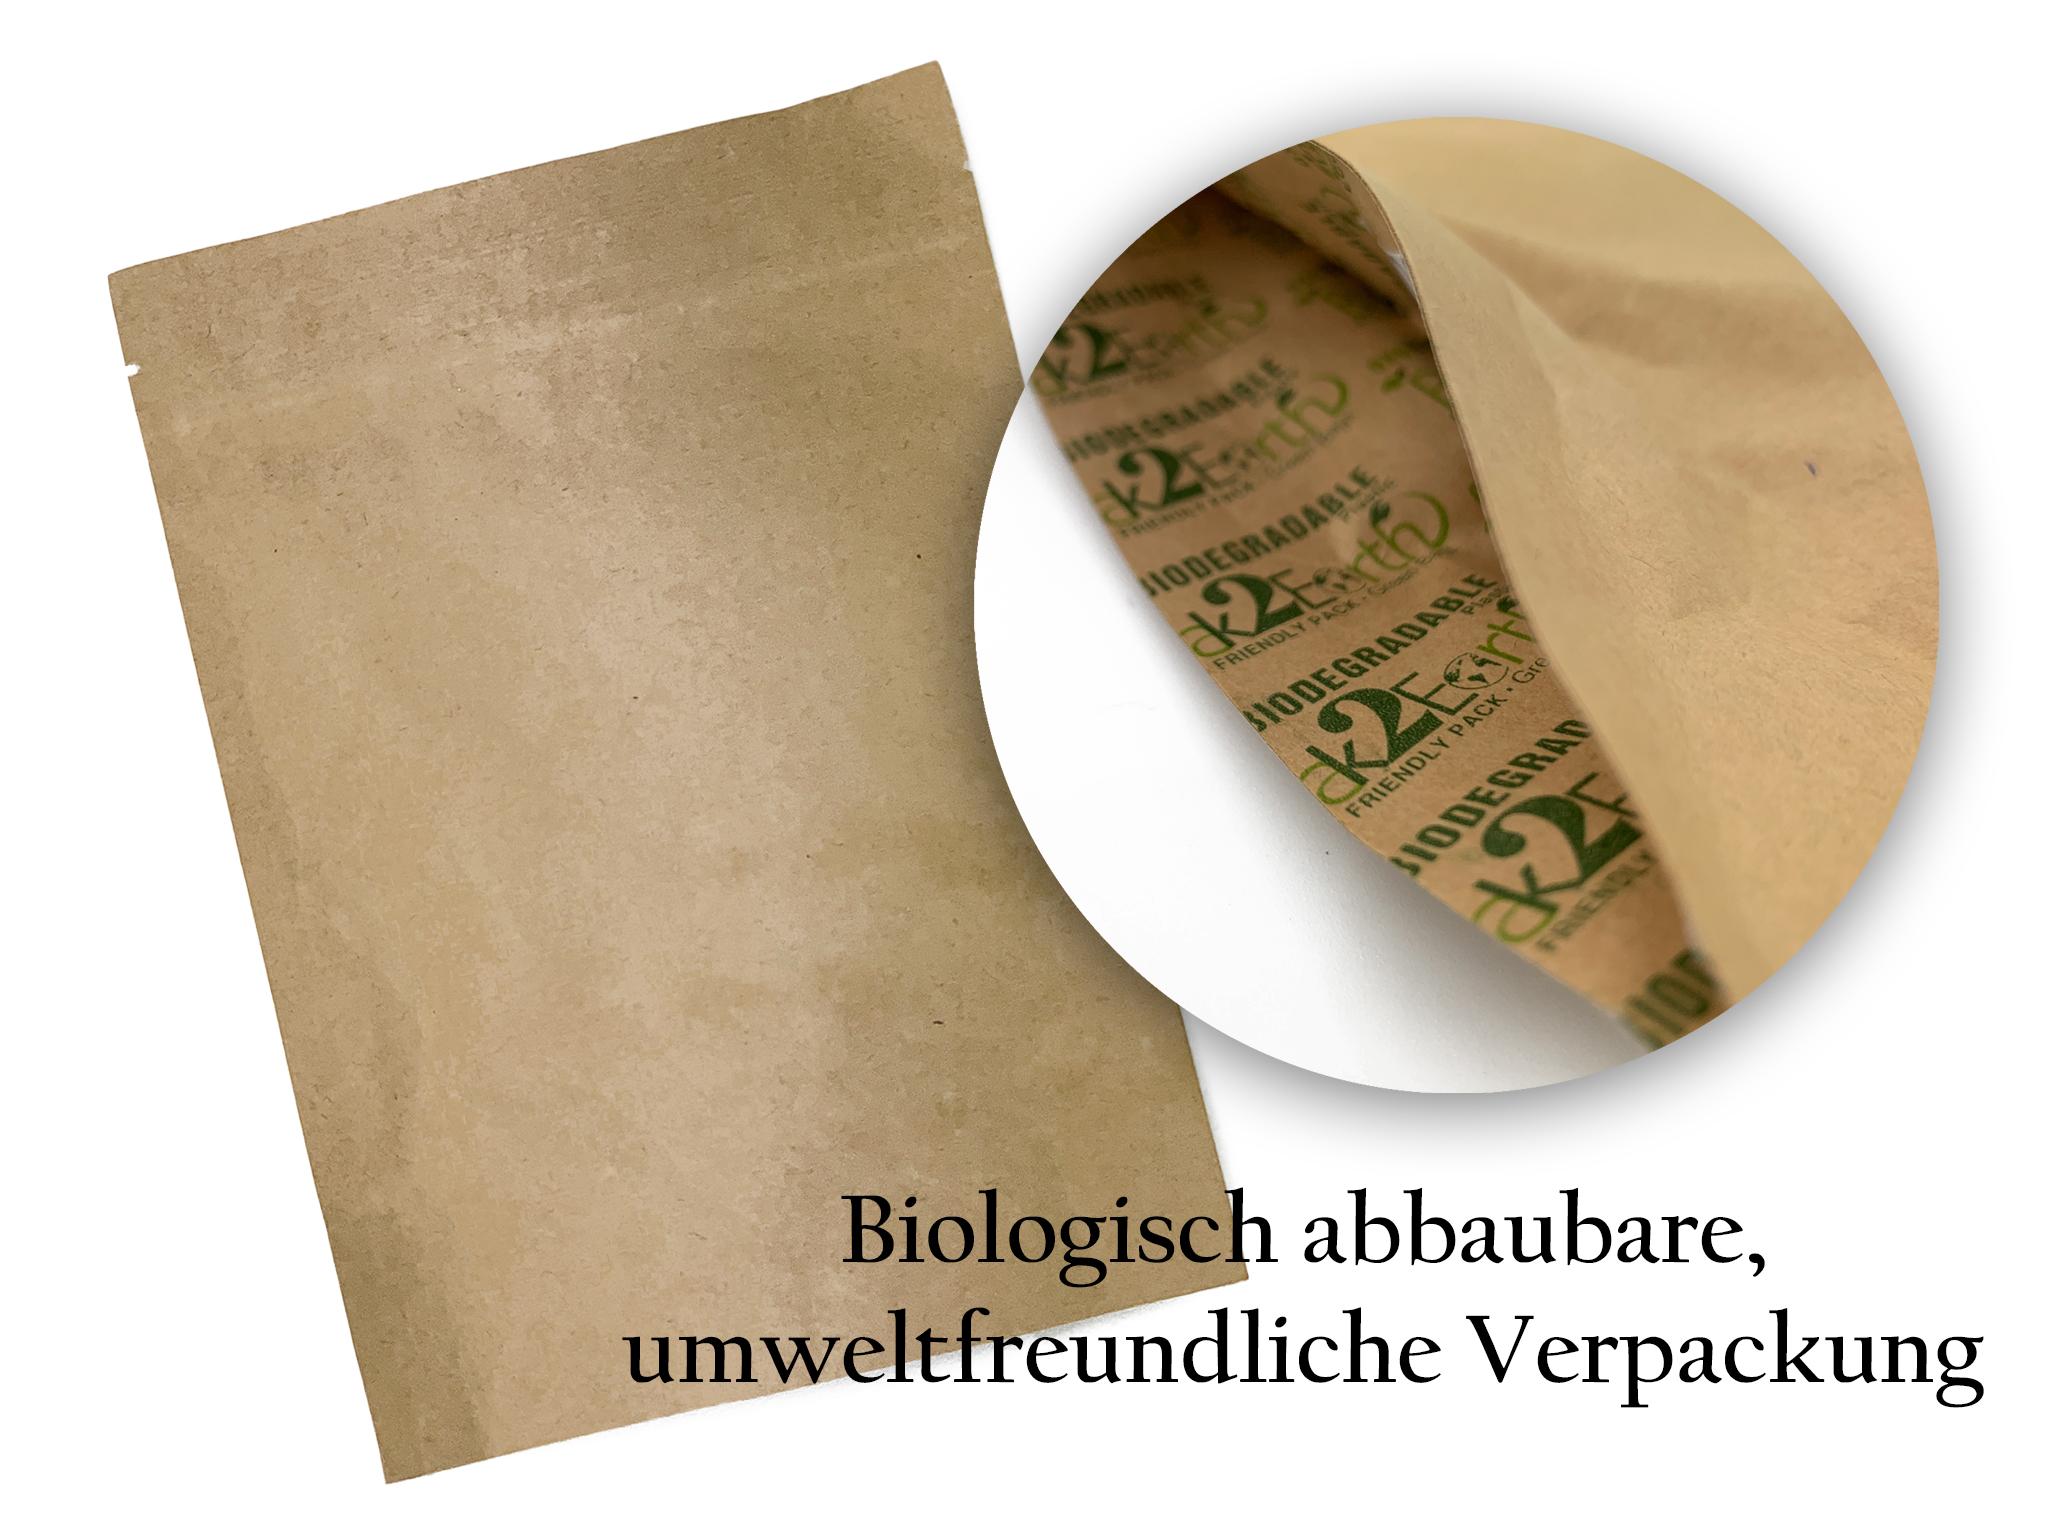 Biologisch abbaubare,  umweltfreundliche Verpackung